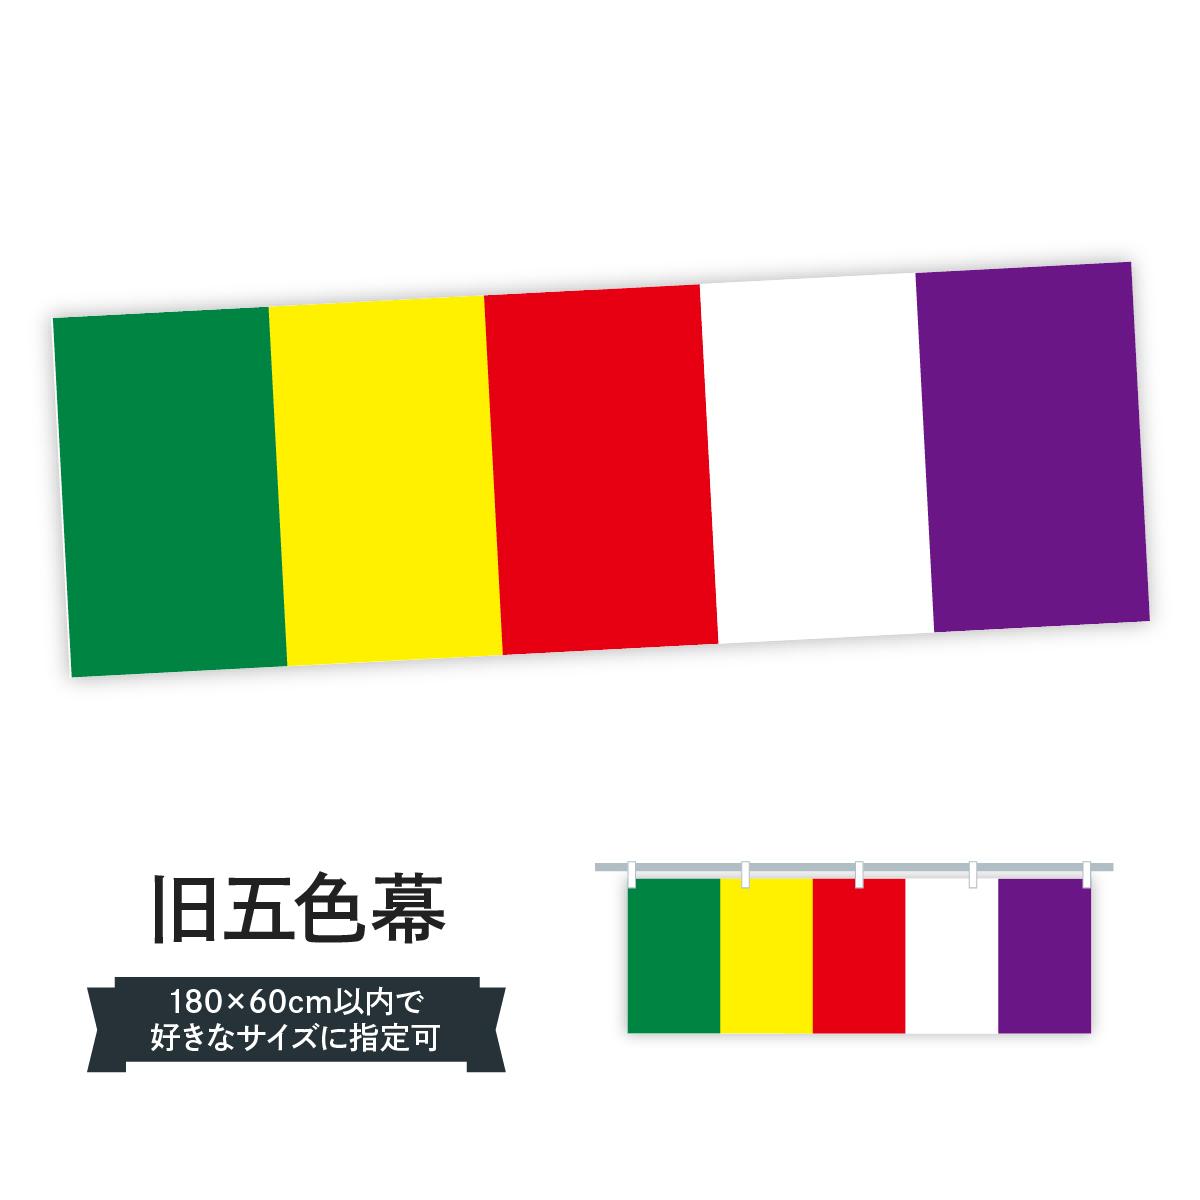 評判 のぼり 横幕 低価格に対して高品質とデザイン性で選ばれてます 売れ筋 仏旗 各サイズや仕様にも対応 旧五色幕